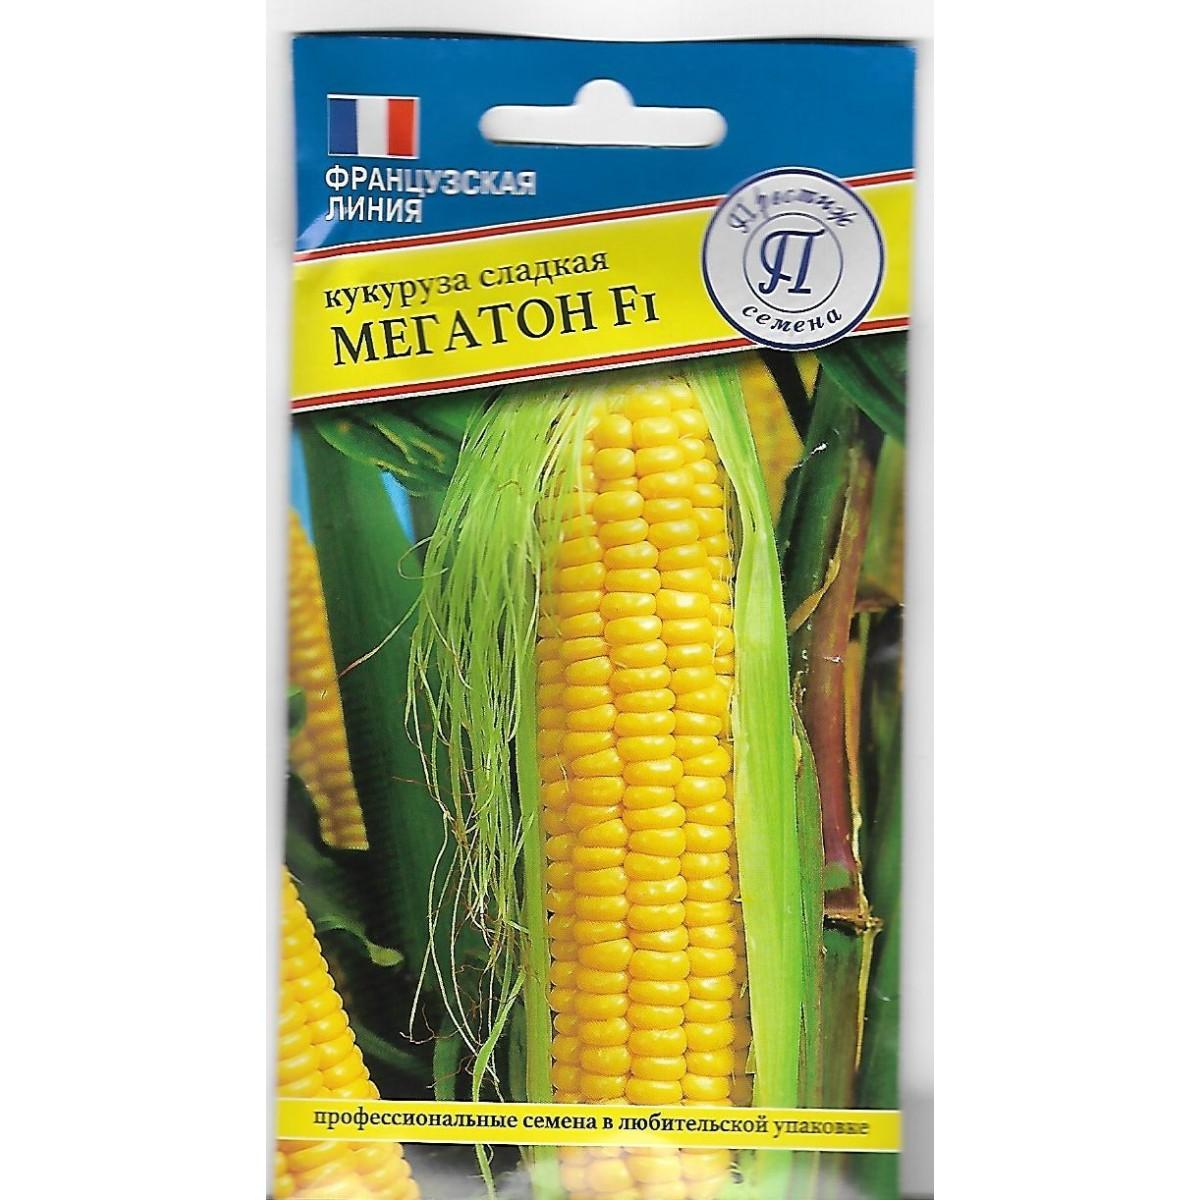 Семена Кукуруза сладкая Мегатон F1